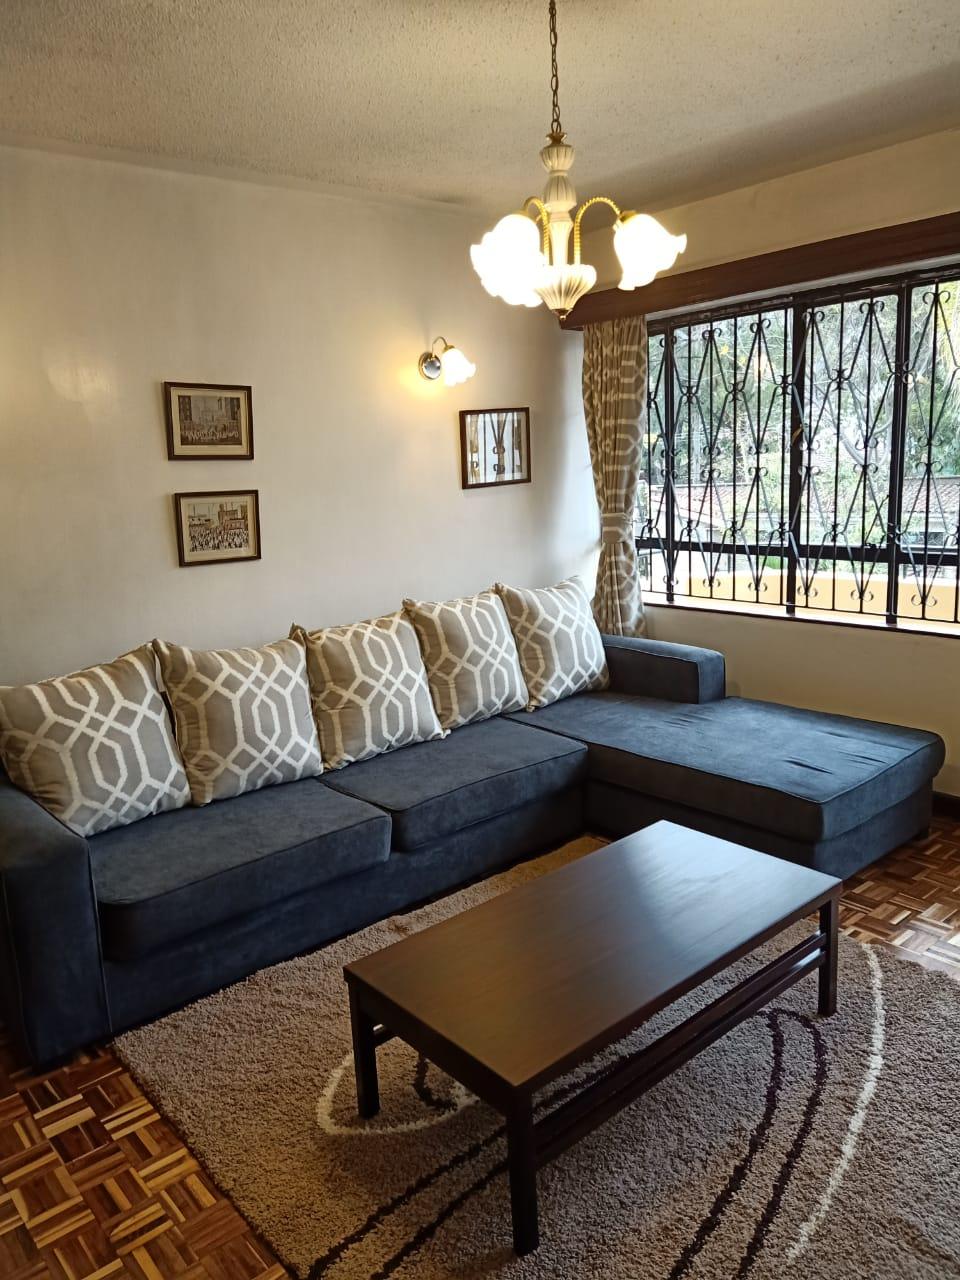 3 Bedroom Furnished apartment in Westlands